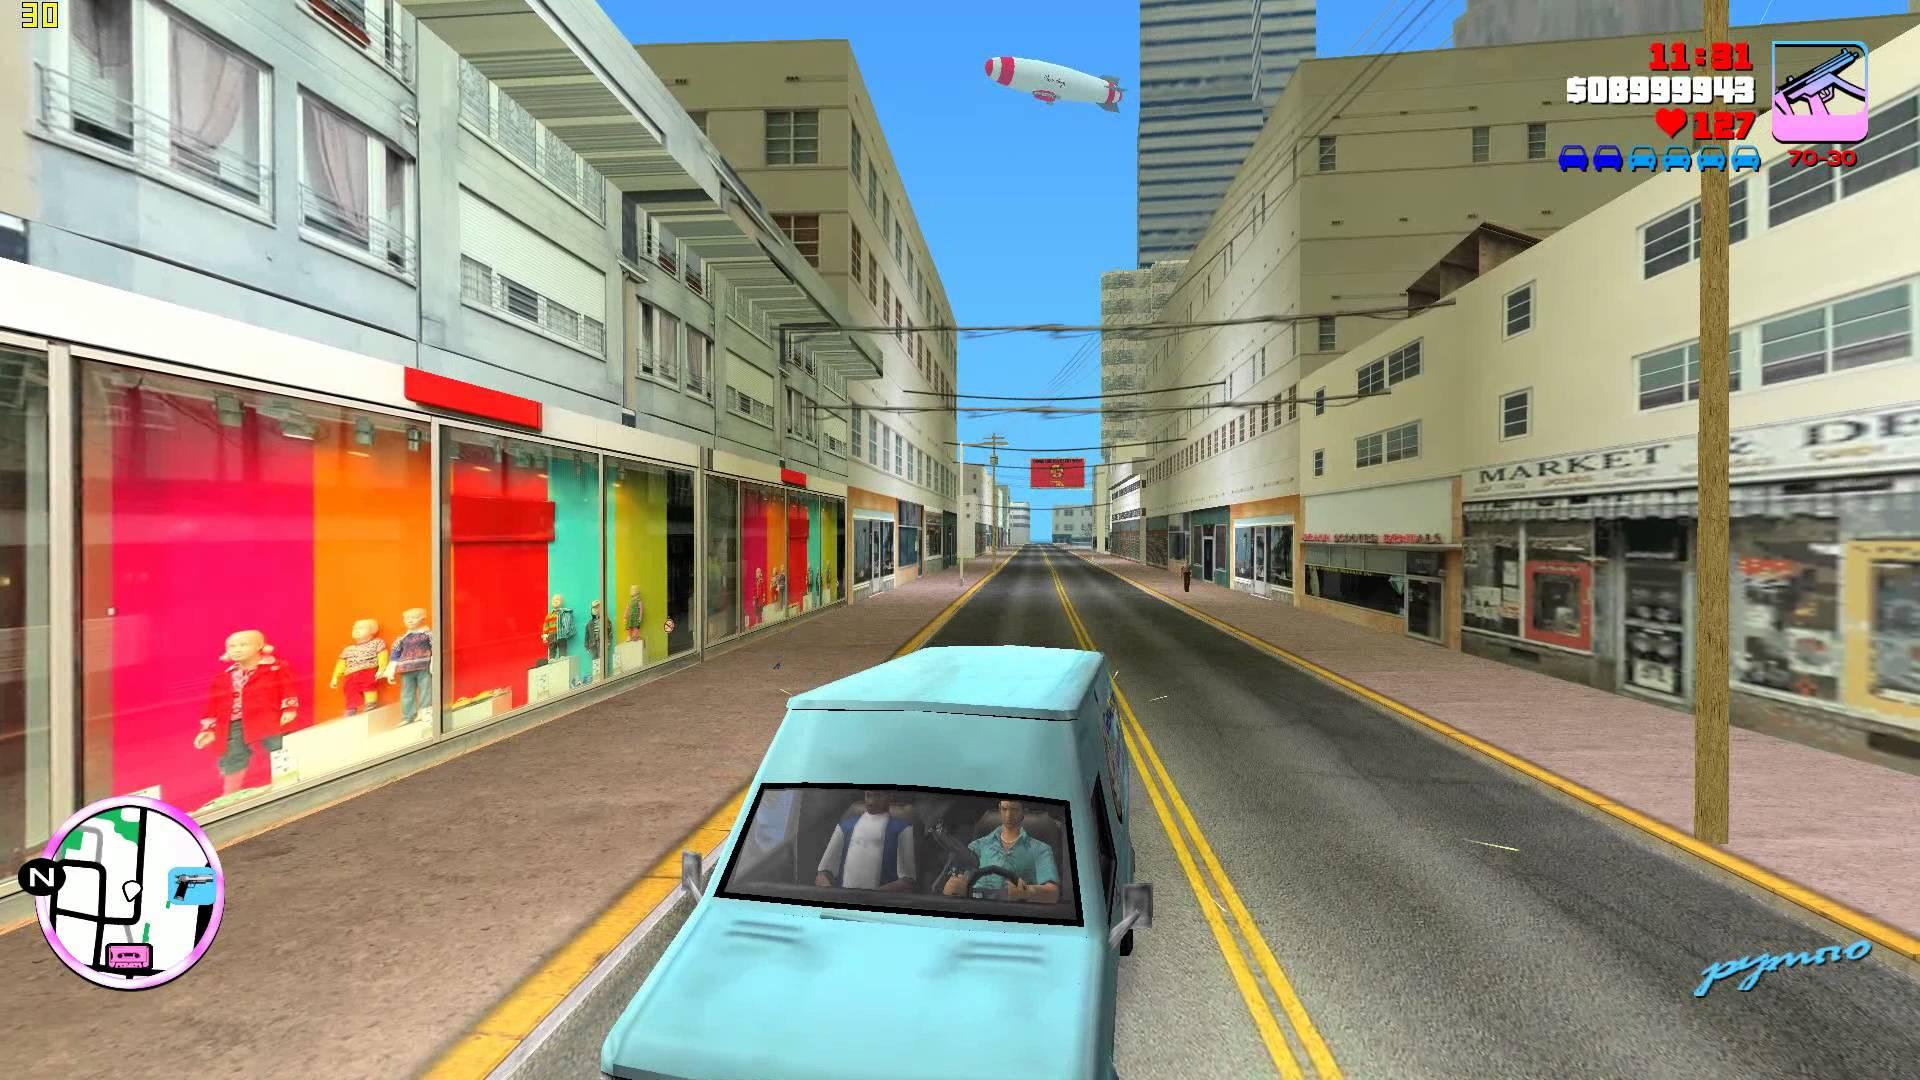 Скриншот GTA / Grand Theft Auto: Vice City - Real Mod 2014 (2003) PC